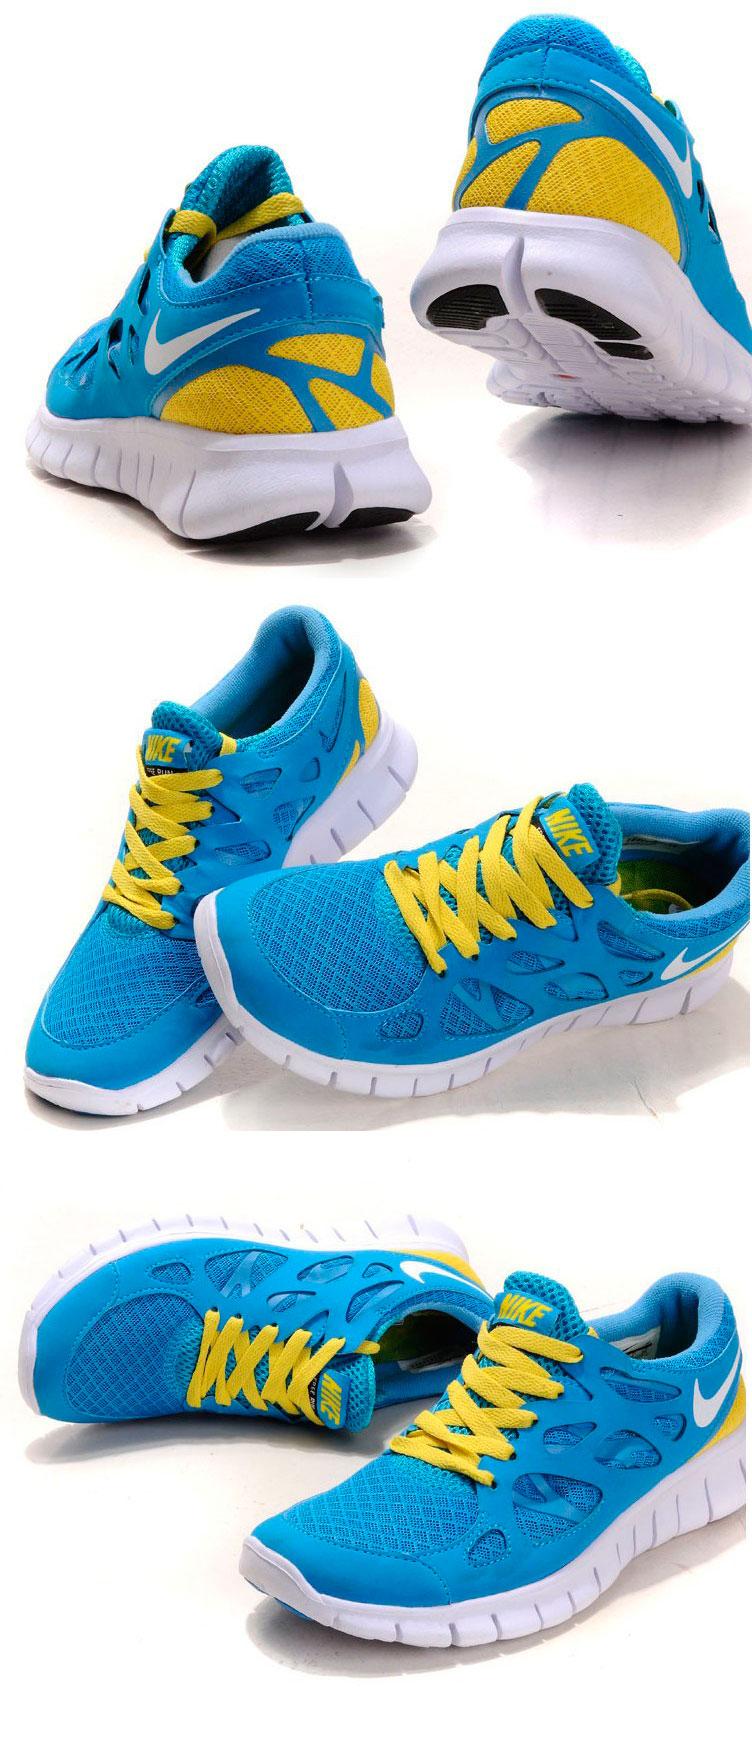 большое фото №6 Женские кроссовкидля бега Nike Free Run 2 Найк Фри Ран, сине-желтые